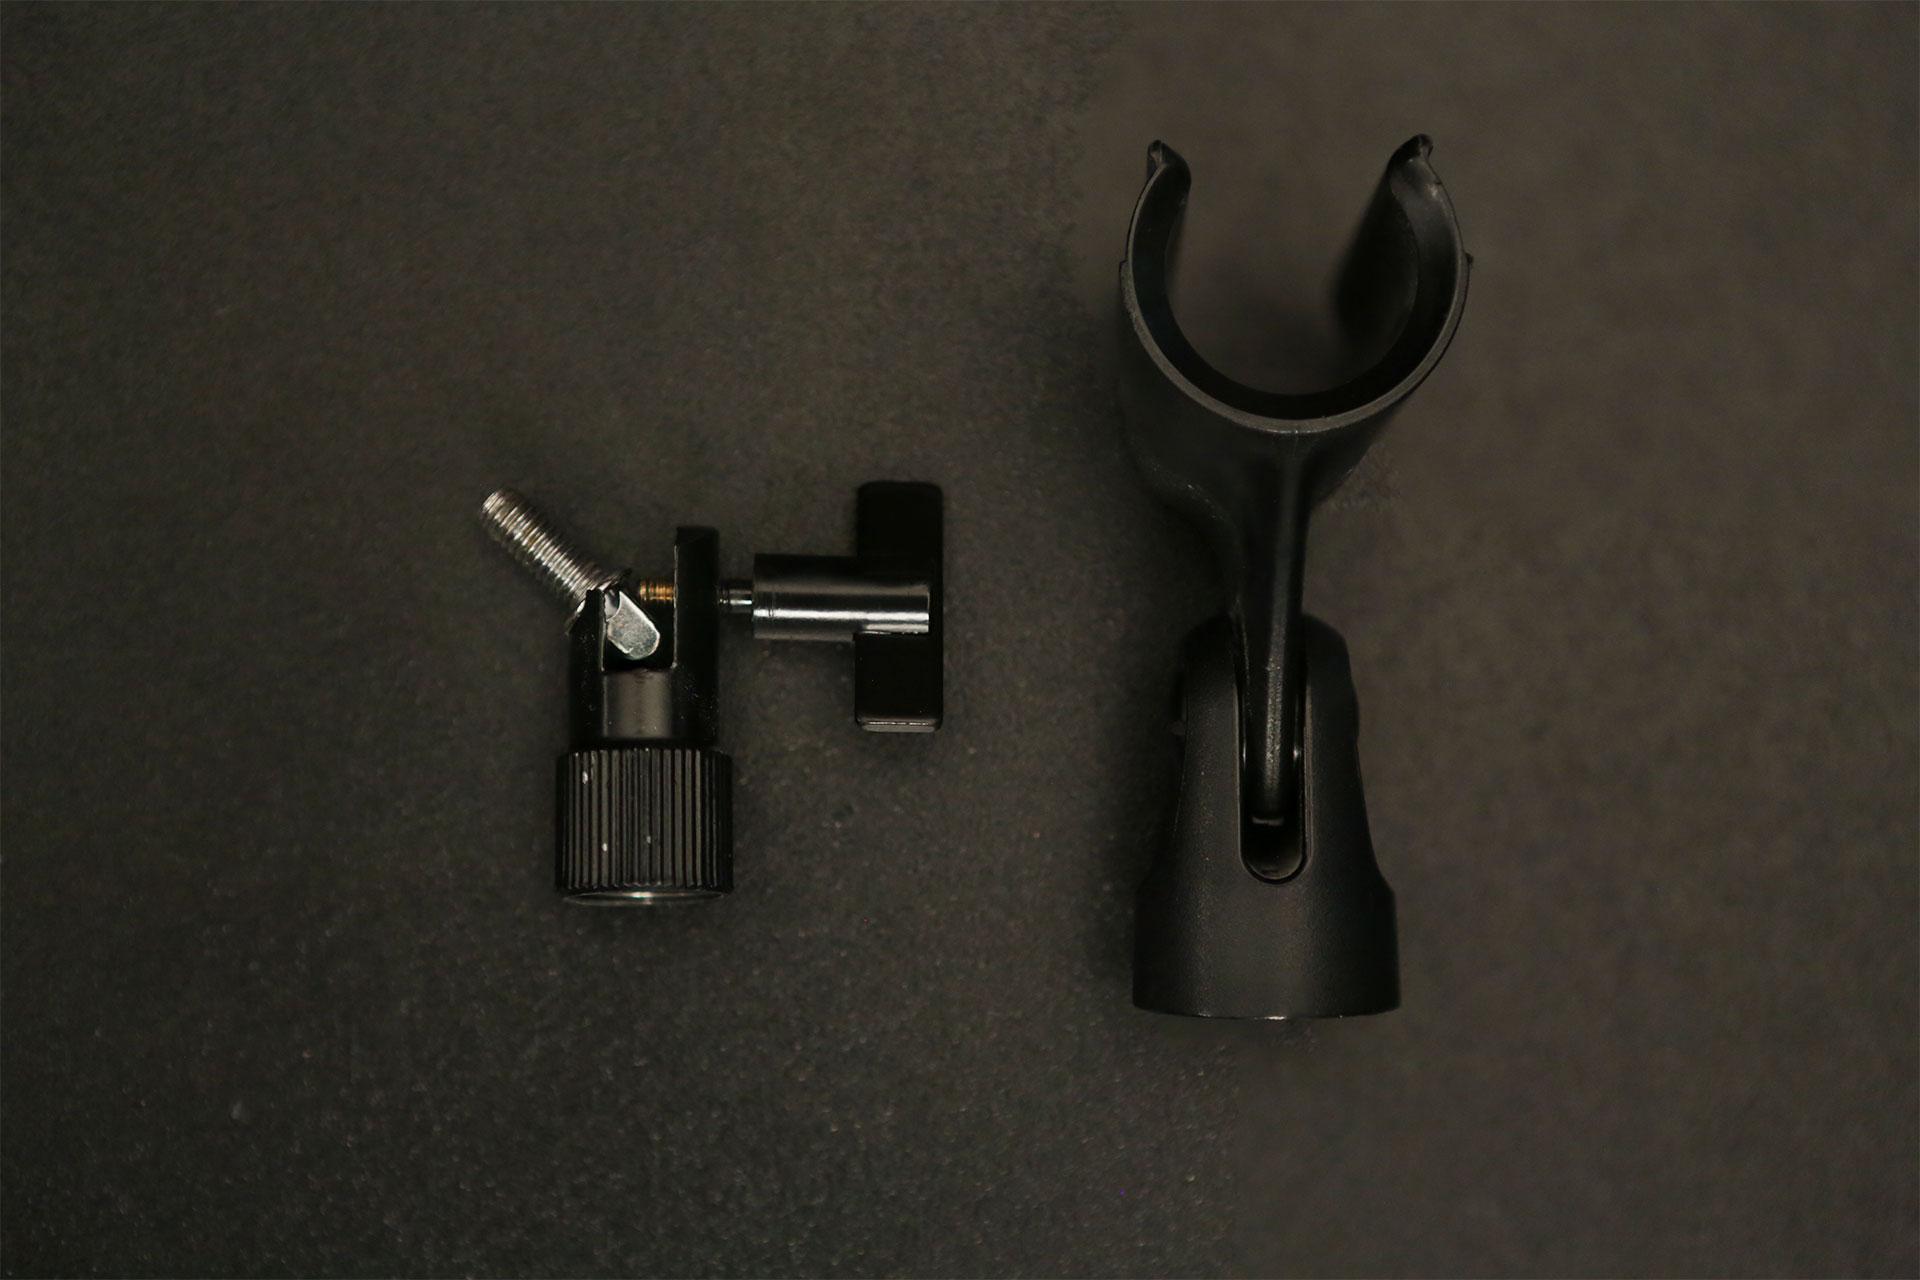 h4n-adapter-hackjobs